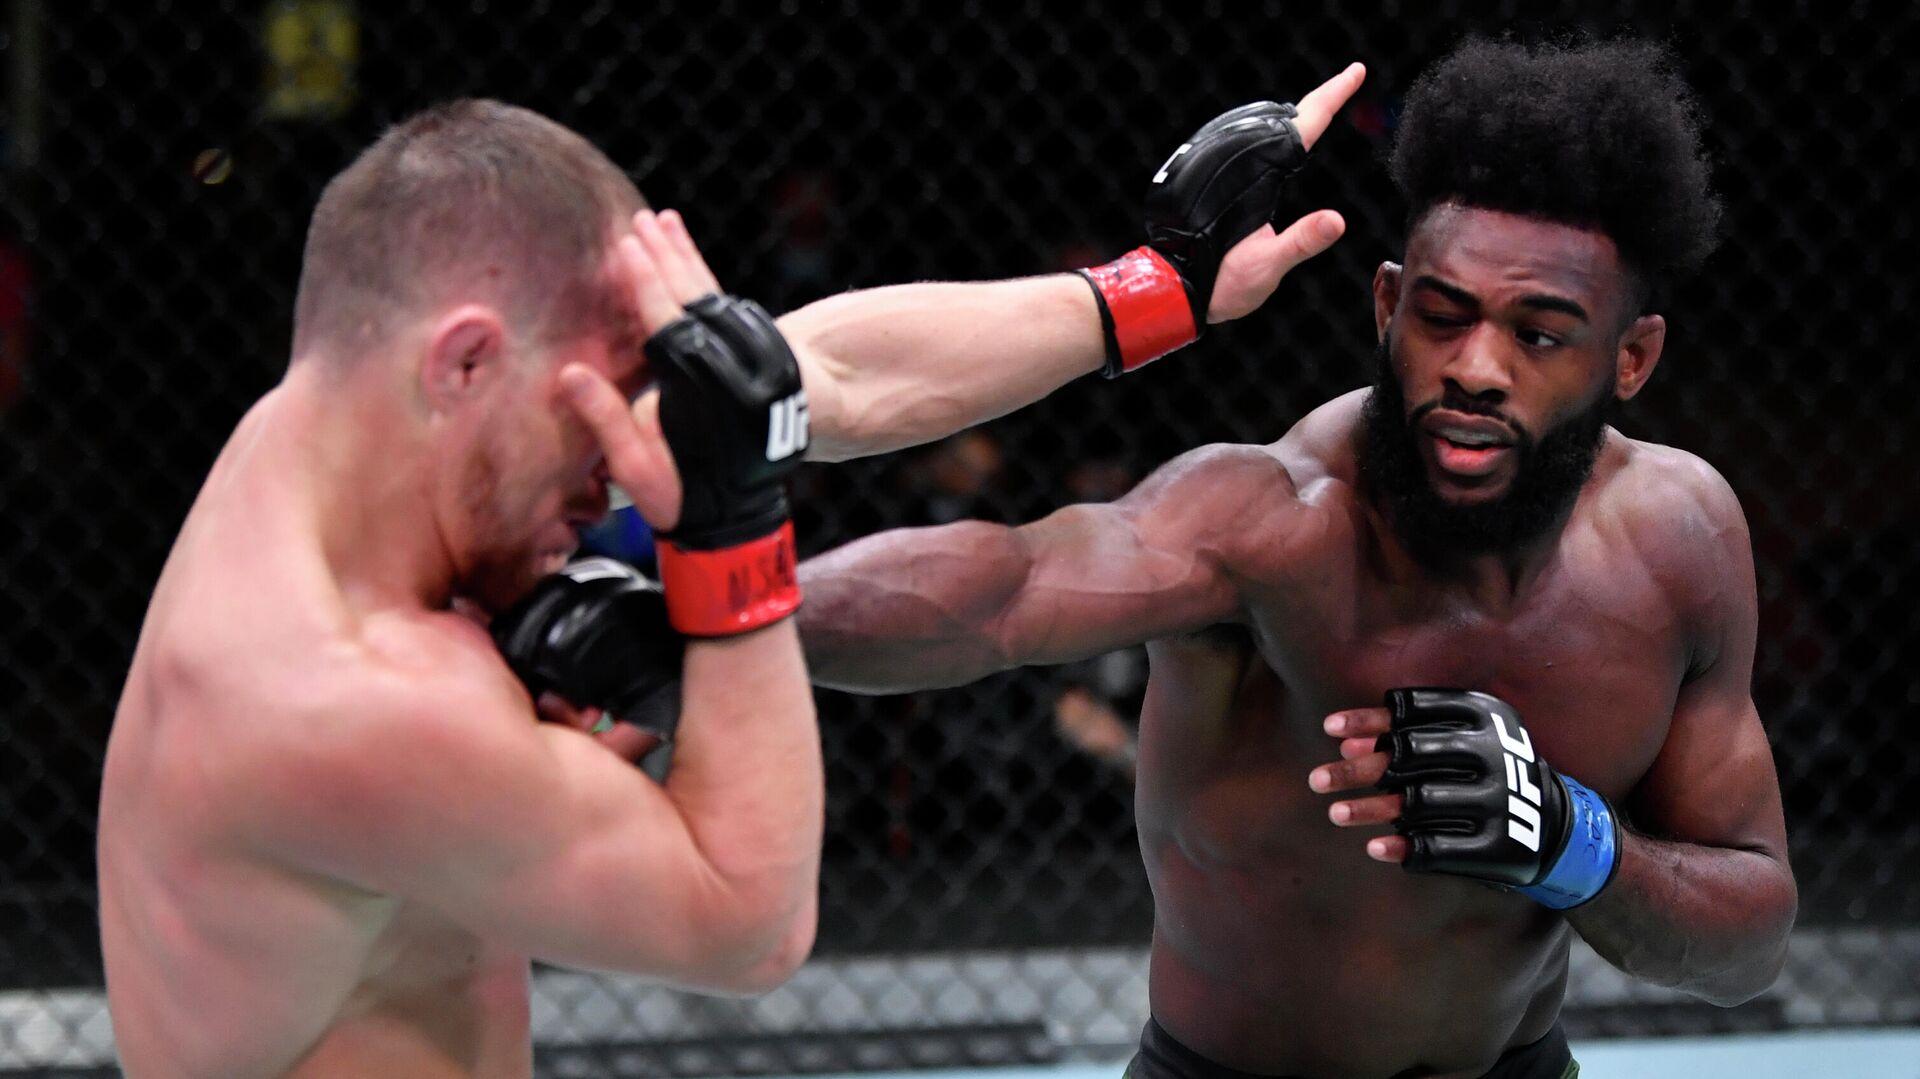 La pelea entre Piotr Yan y Aljamain Sterling durante la UFC 259 - Sputnik Mundo, 1920, 07.03.2021